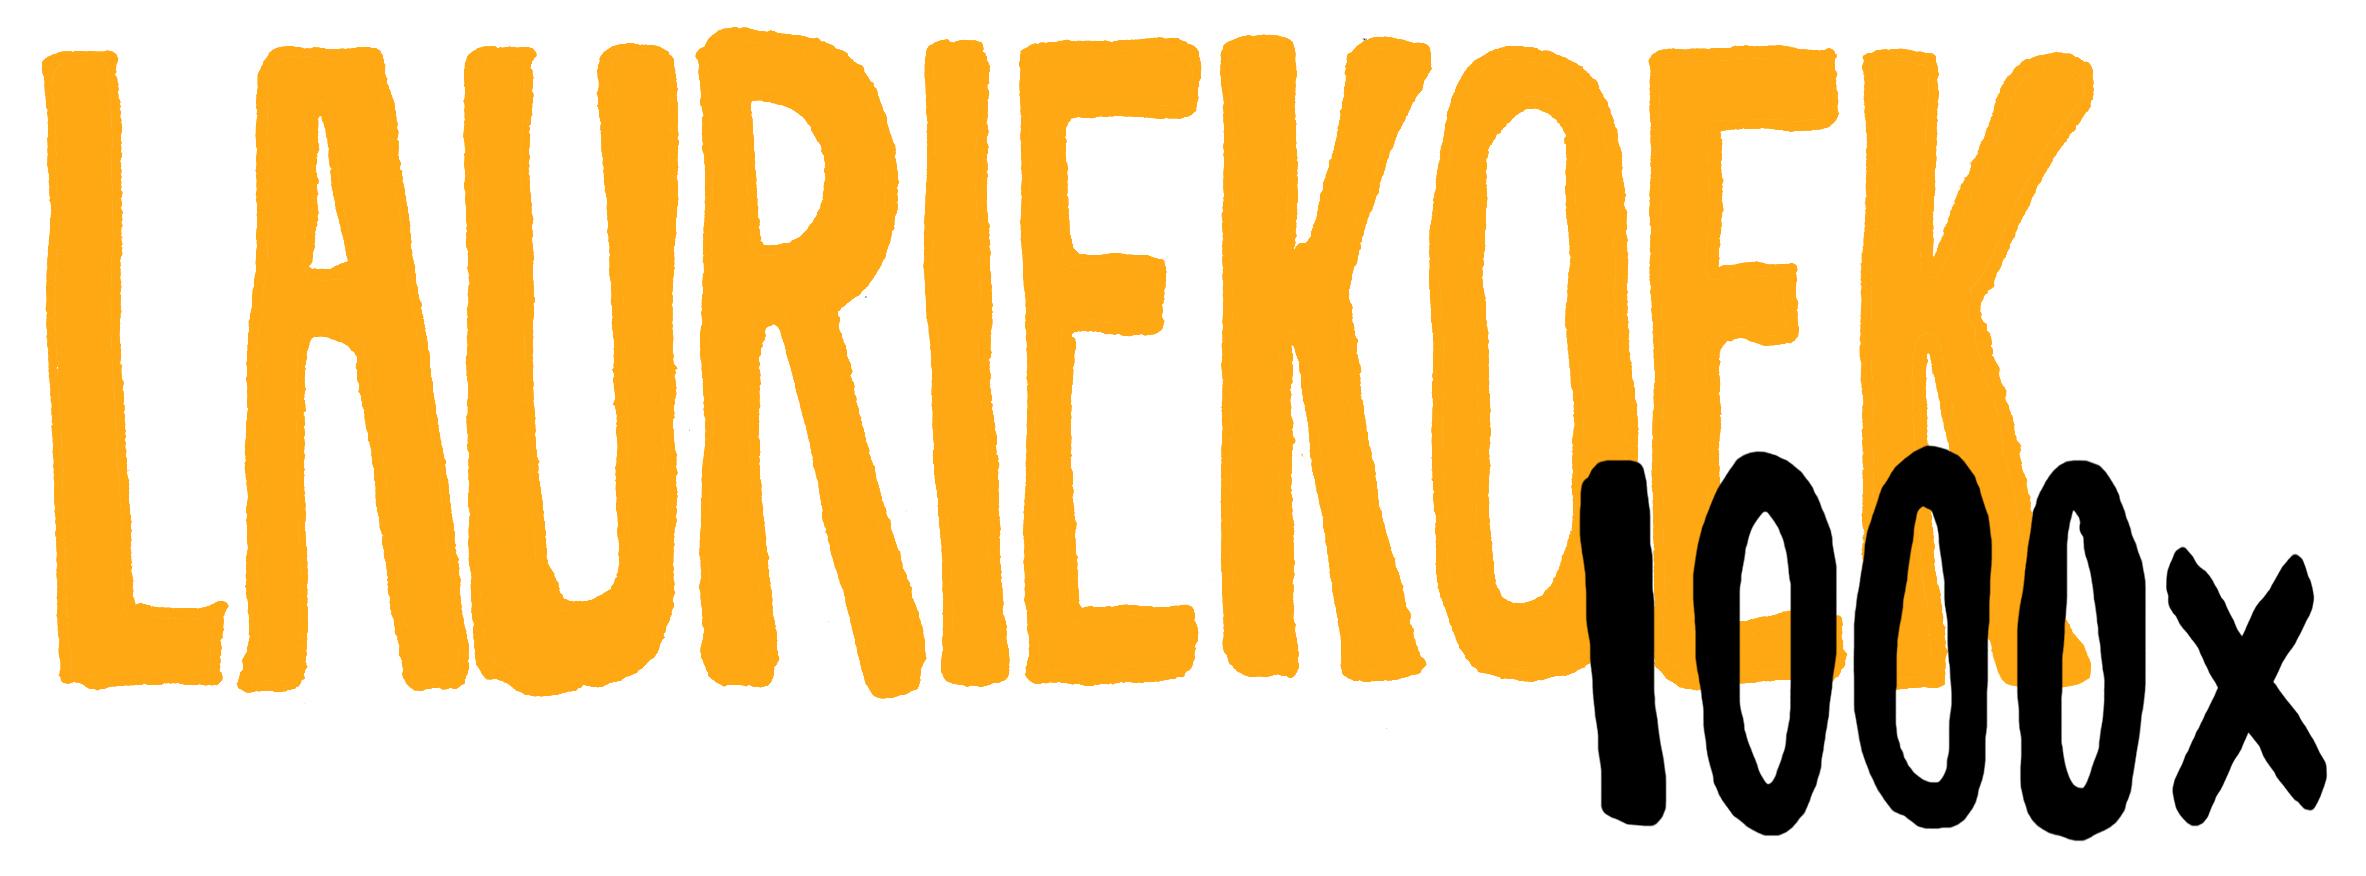 1000 blogposts @ Lauriekoek.nl